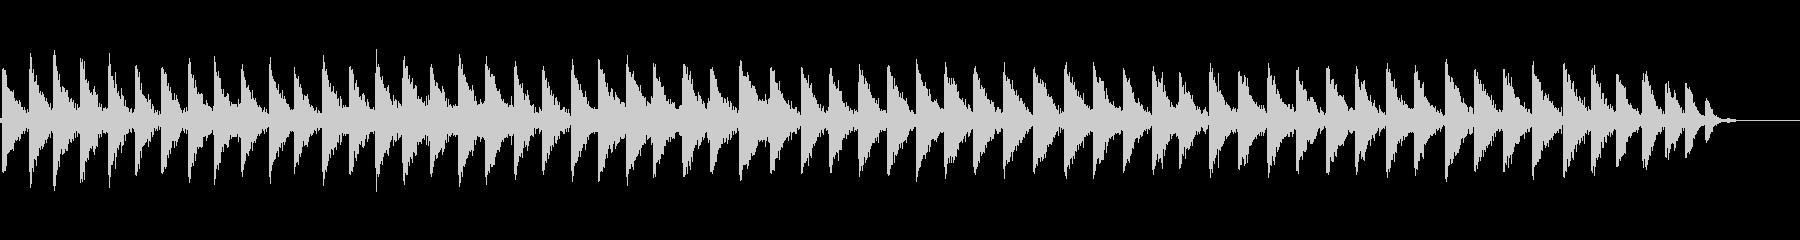 金属ハンマーのハンマーの未再生の波形